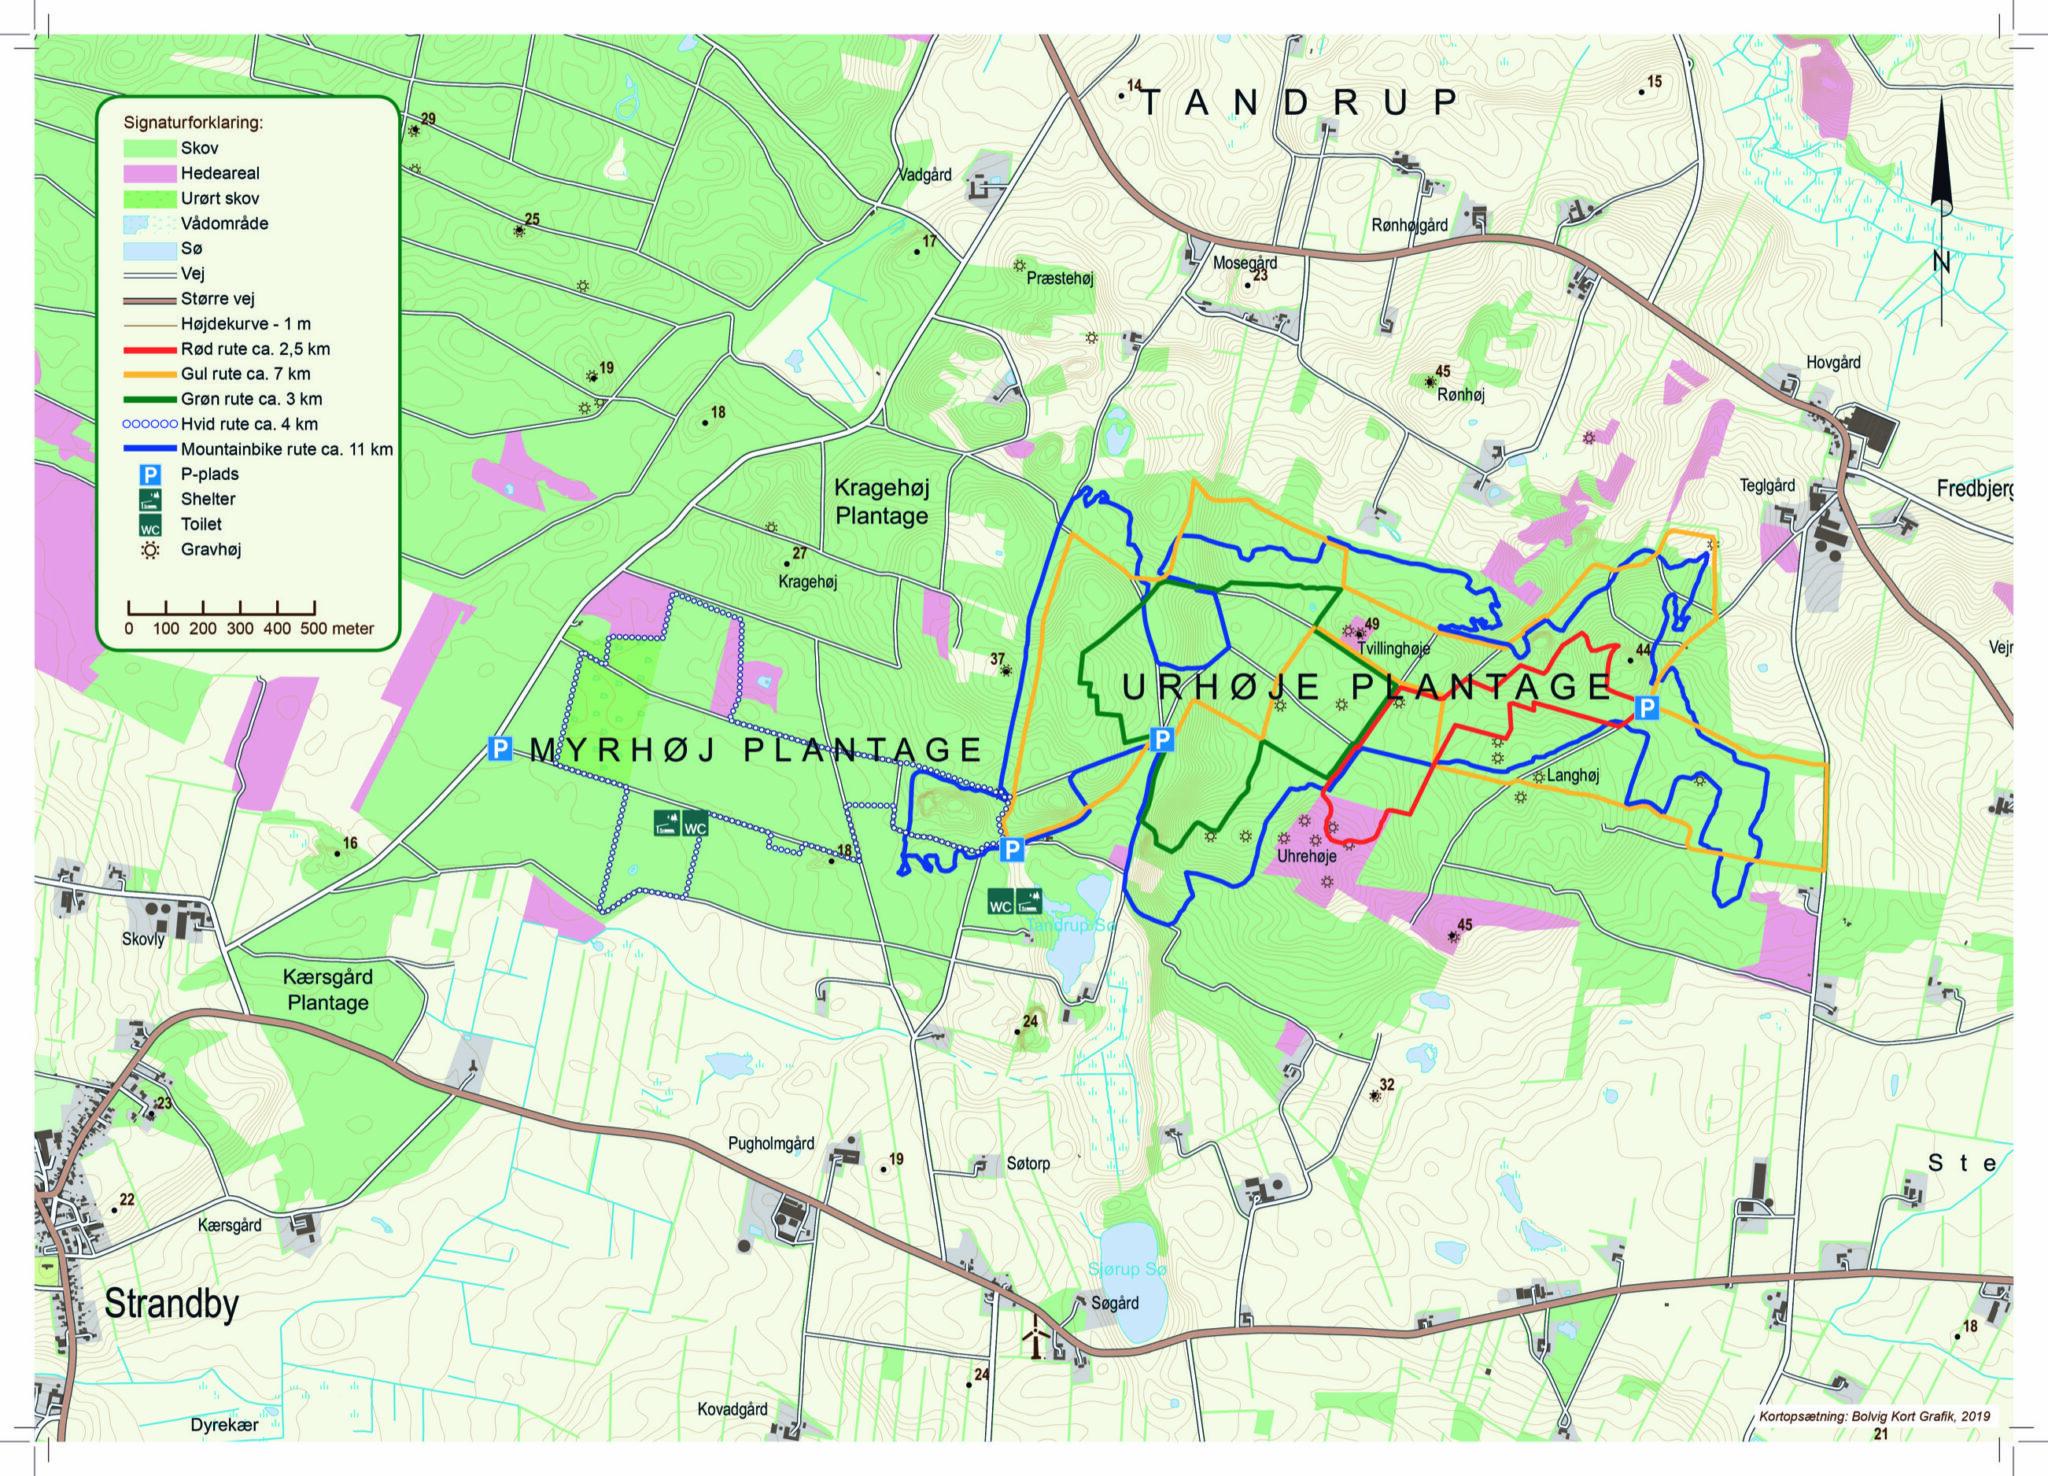 Kort over Uhrehøje og Myrhøje plantage